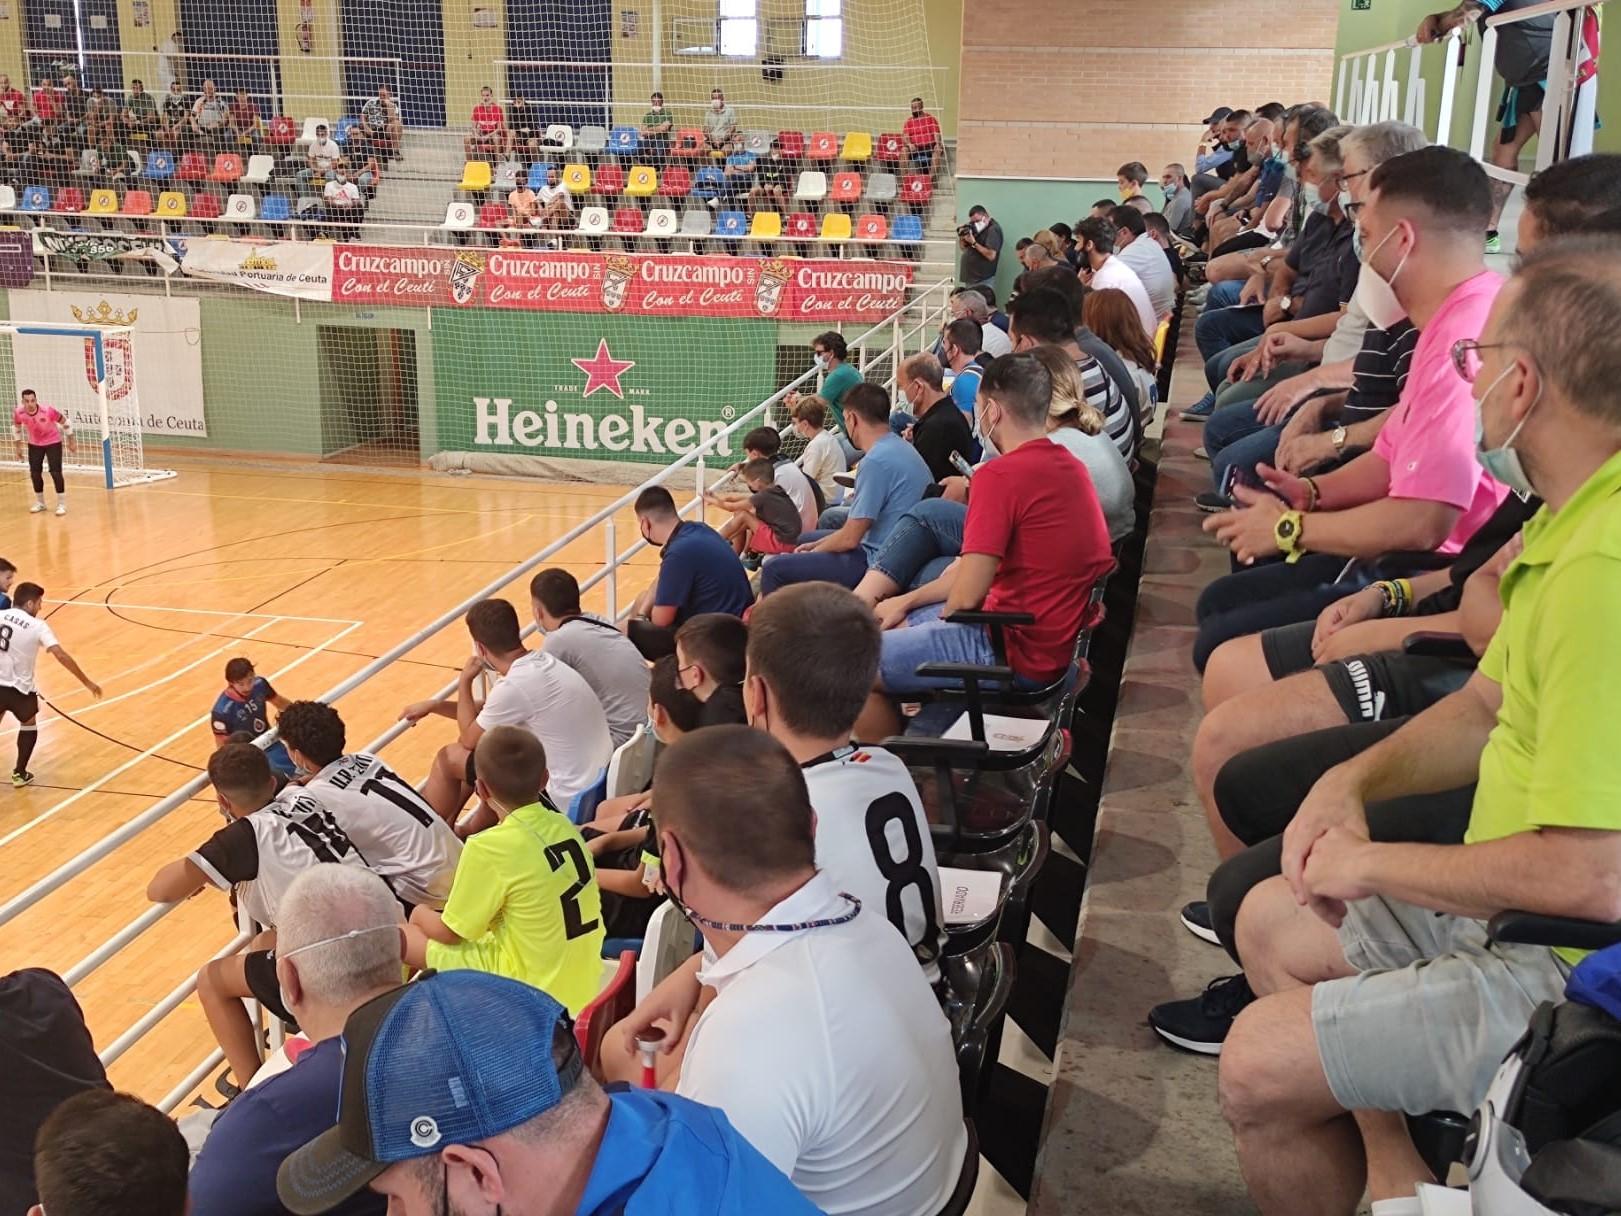 Vuelve el público a los polideportivos de Ceuta